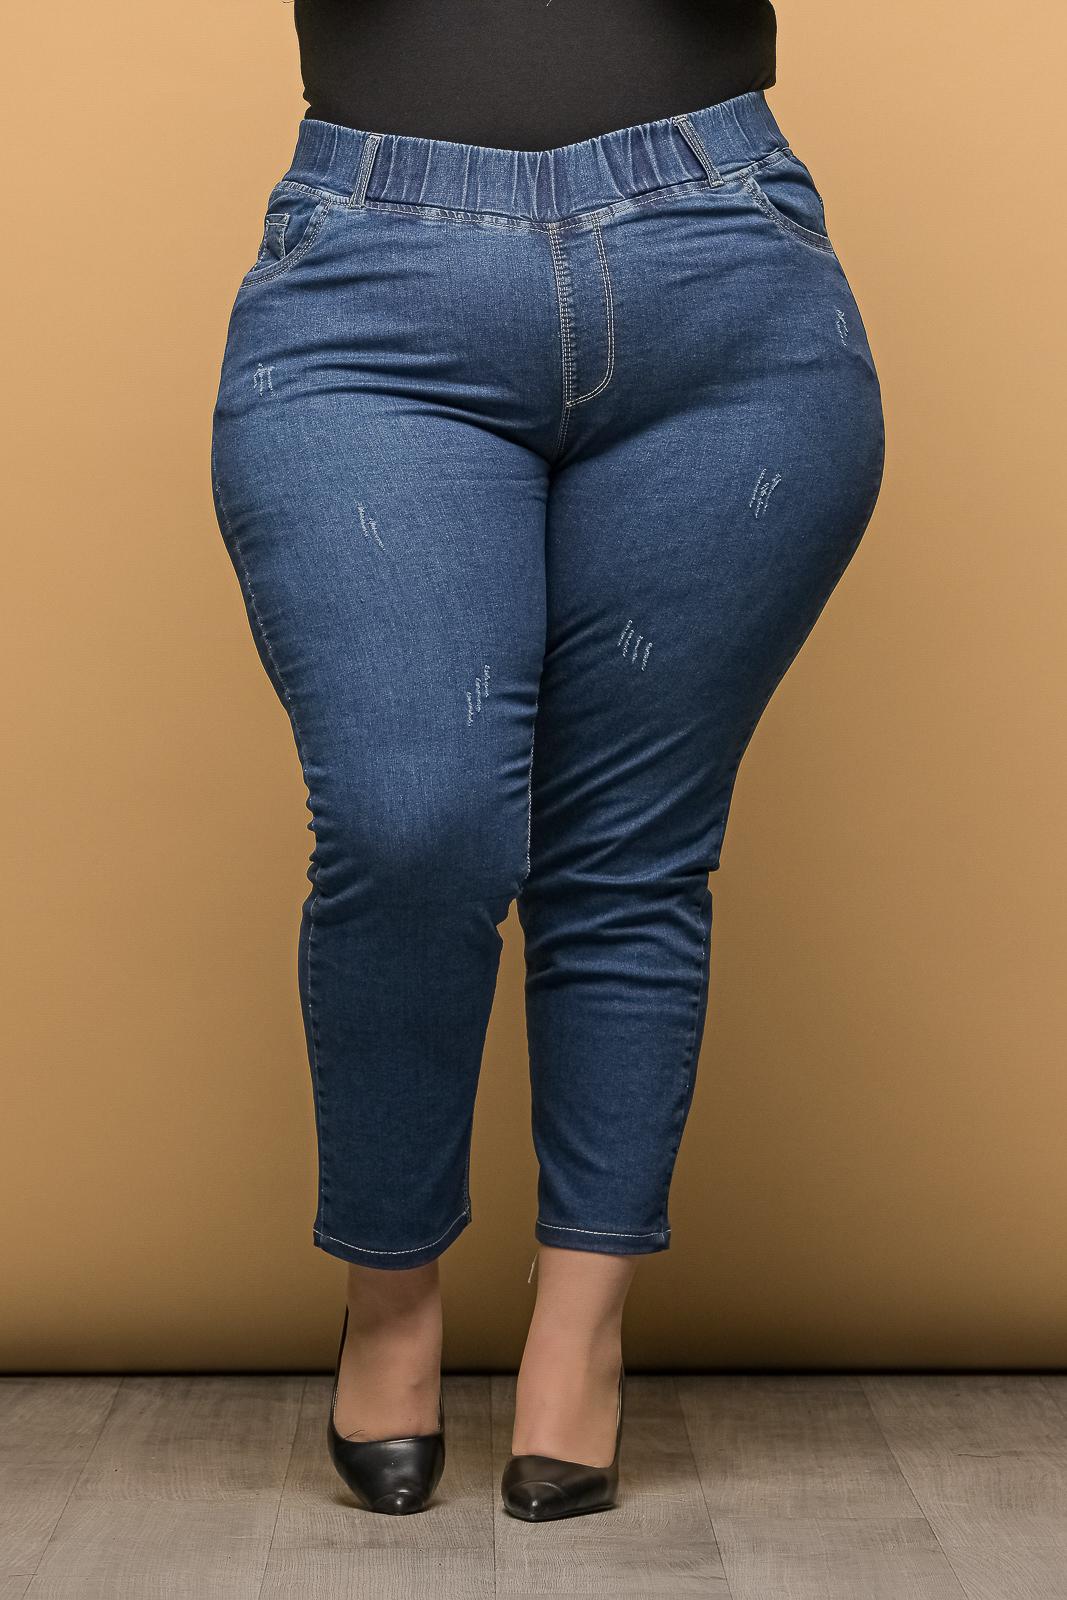 Τζιν +Psx μεγάλα μεγέθη μπλε με λάστιχο στη μέση και μικροεκδορ.Στο eshop μας θα βρείτε οικονομικά γυναίκεια ρούχα σε μεγάλα μεγέθη και υπερμεγέθη.